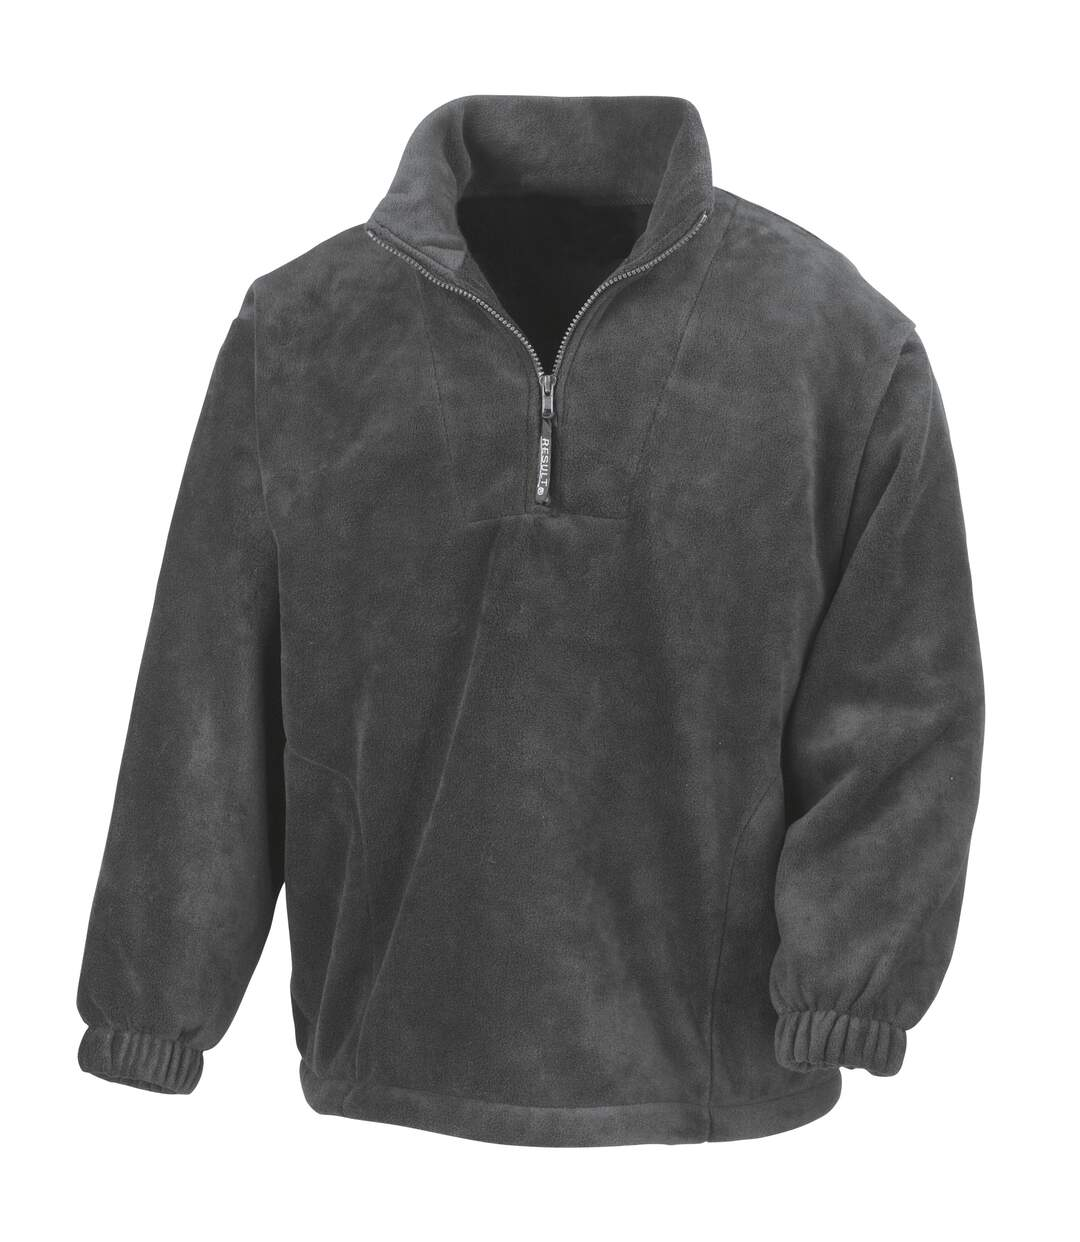 Result Unlined Active 1/4 Zip Anti-Pilling Fleece Top (Navy Blue) - UTBC920